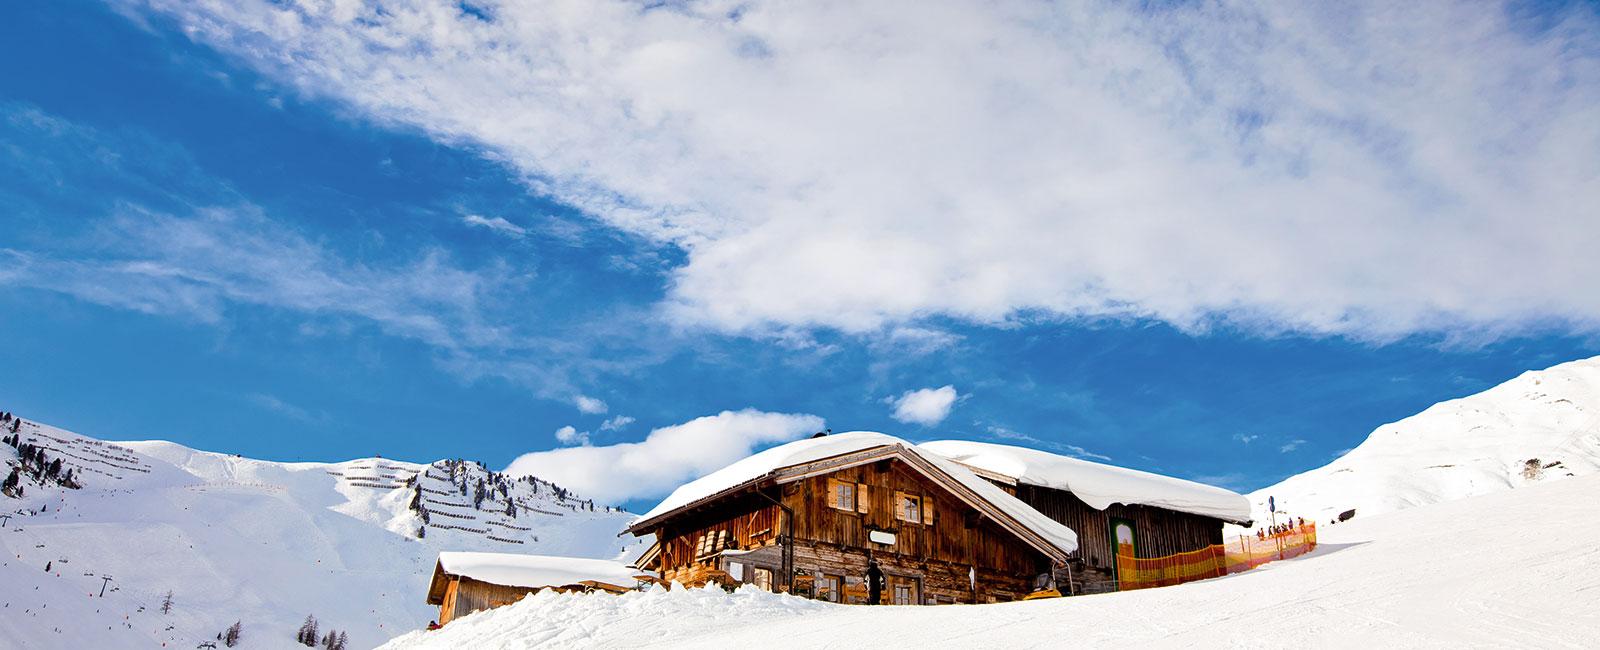 Gemütliche Hütte in den Bergen von Oberbayern